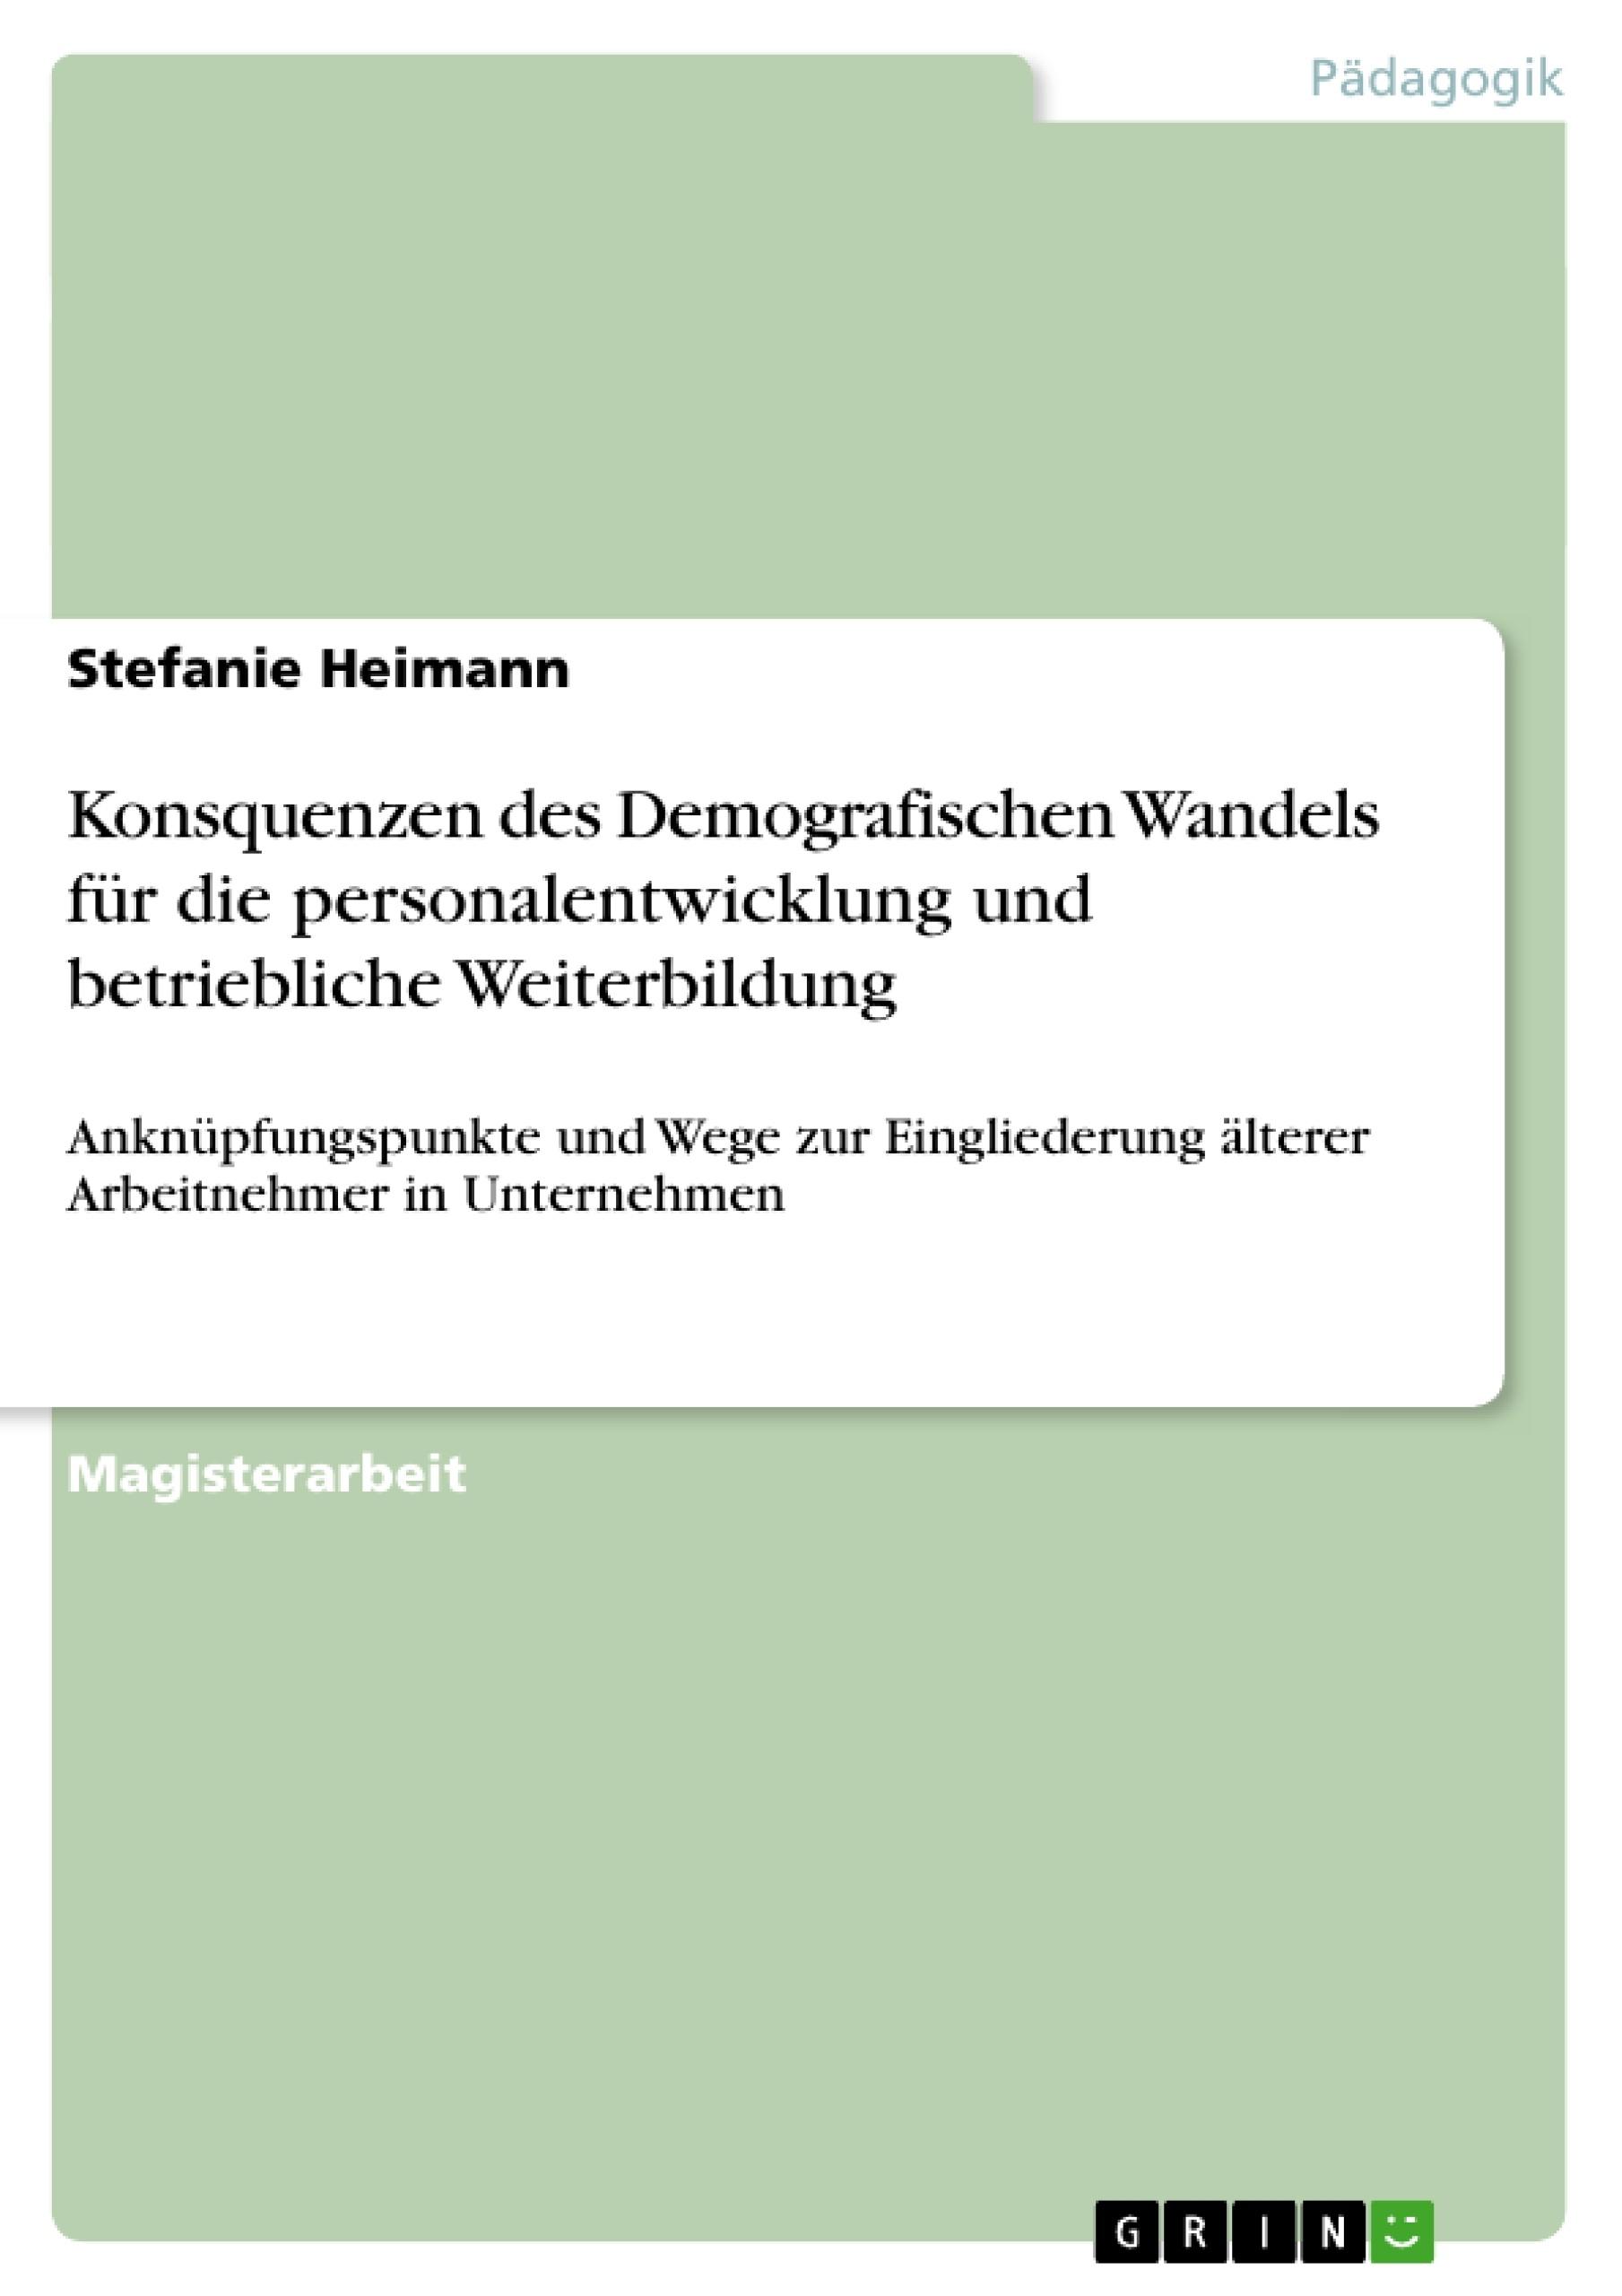 Titel: Konsquenzen des Demografischen Wandels für die personalentwicklung und betriebliche Weiterbildung